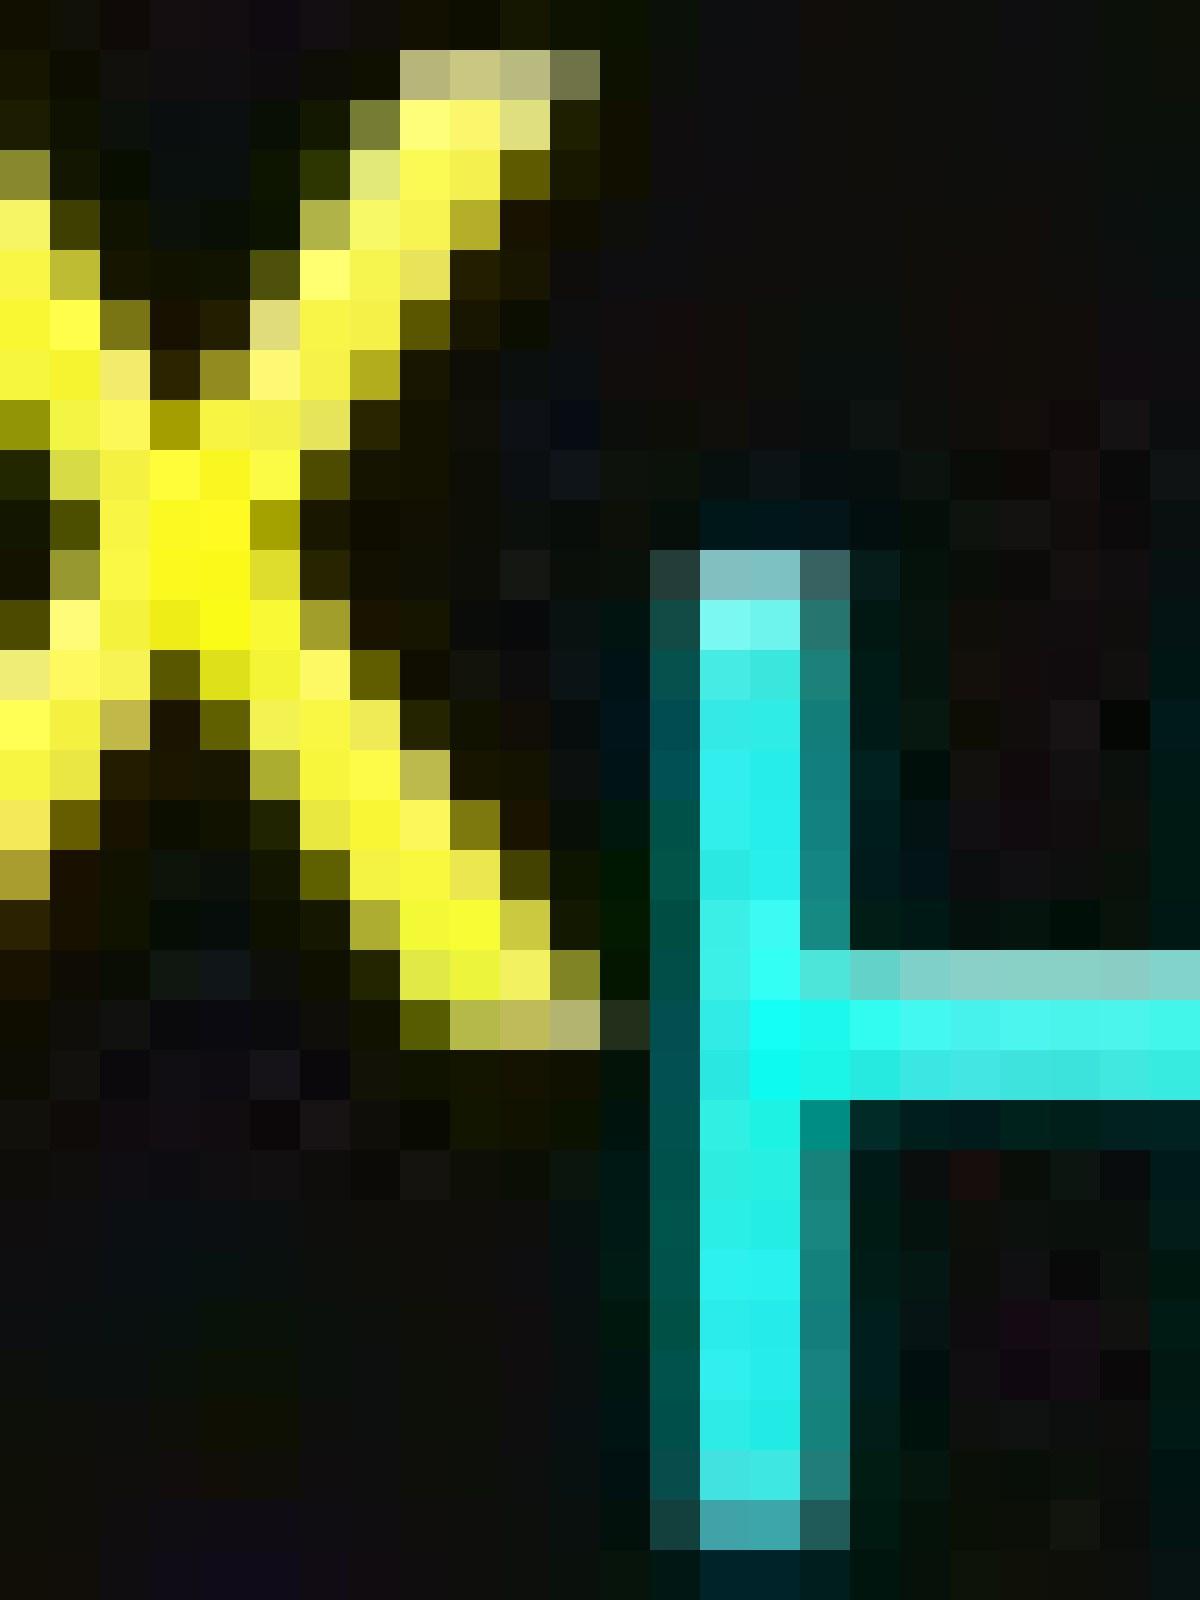 gift box, bridal party